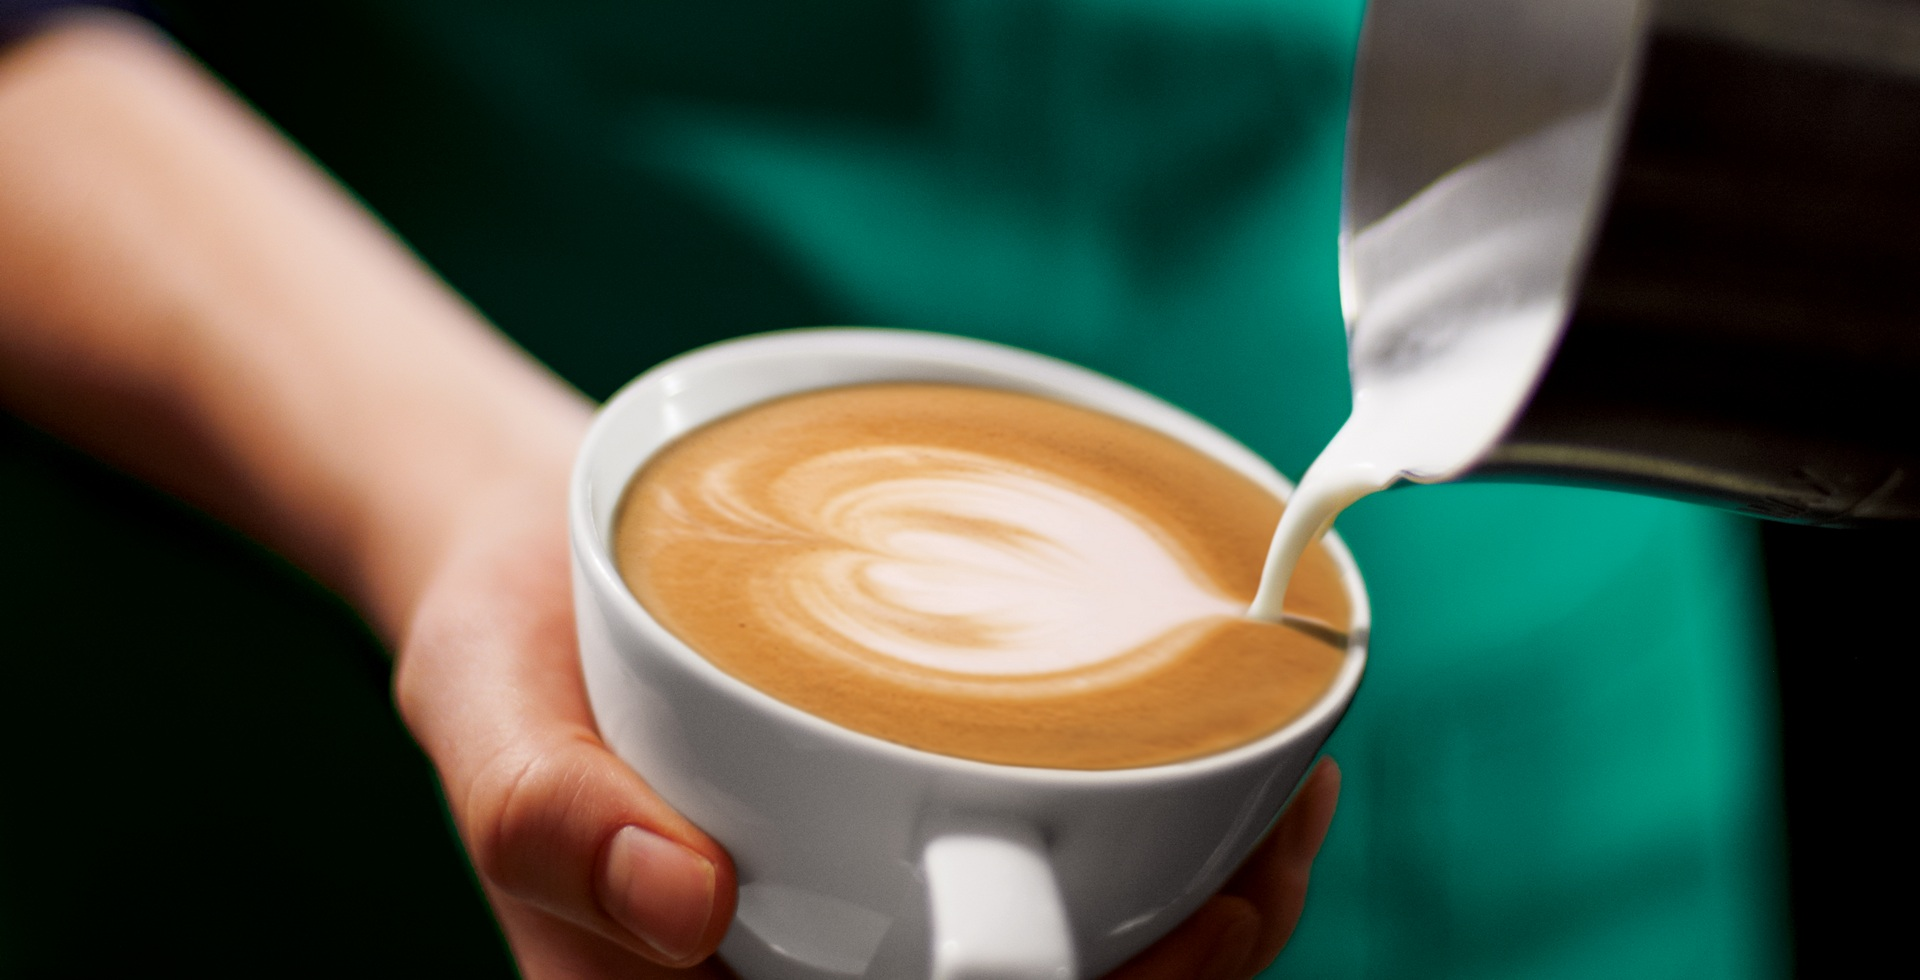 【趕時間買杯咖啡,但又唔想排隊?】